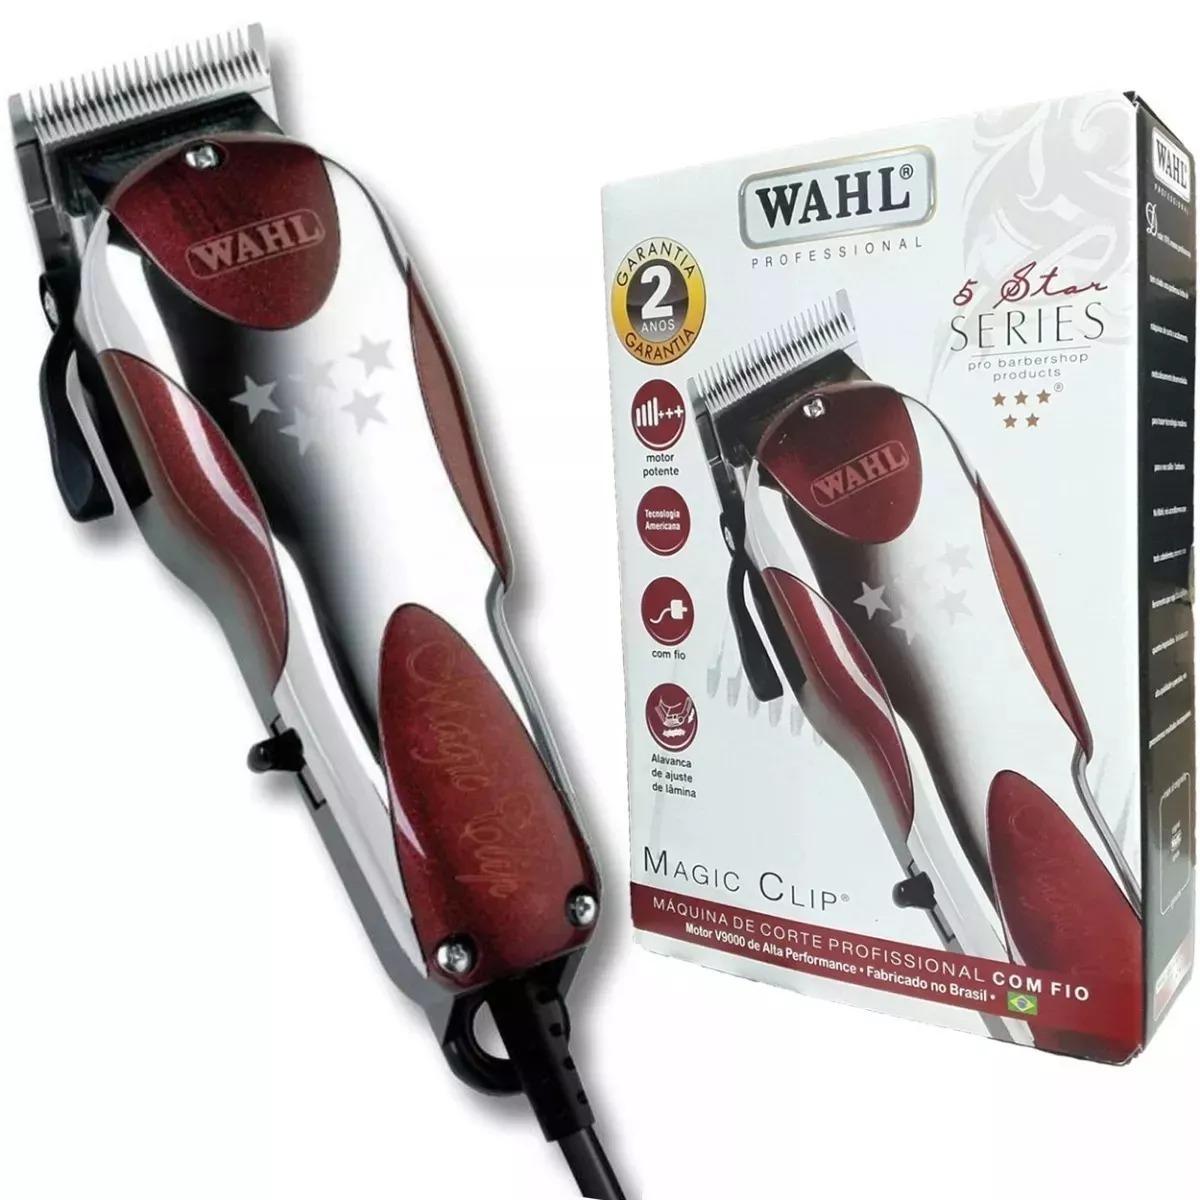 2e740489c maquina de cortar cabelo wahl magic clip v9000 legítima 110v. Carregando  zoom.